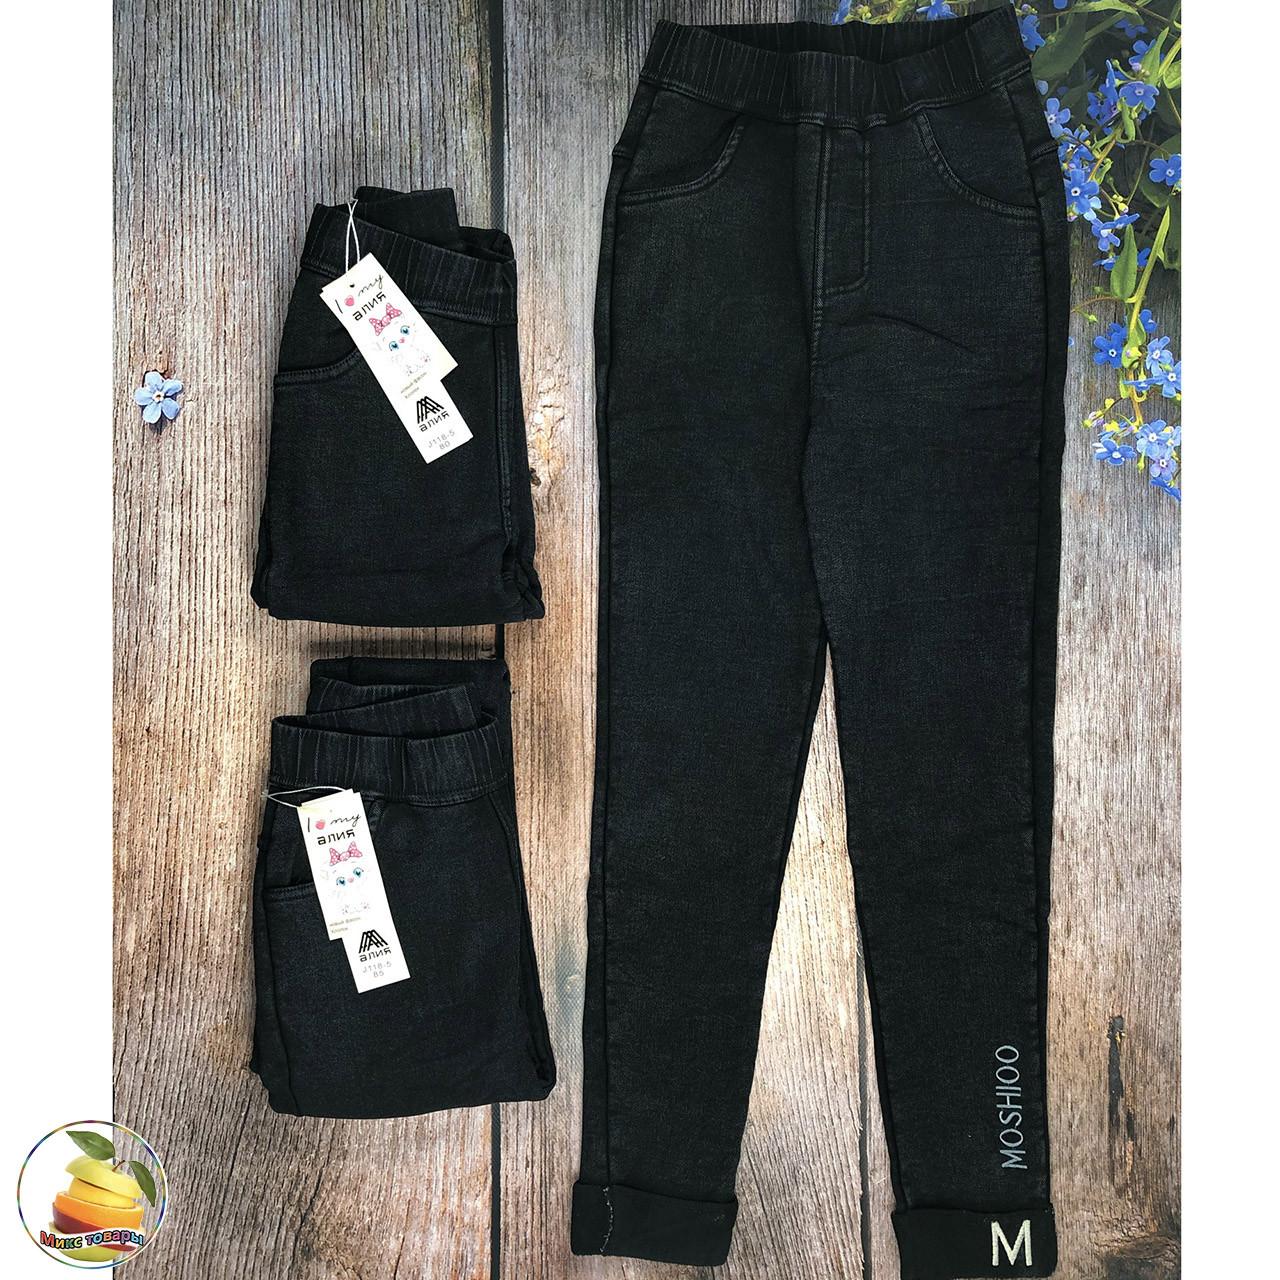 Чёрные джинсы на травке для девочки Размеры: 7-8,8-9,9-10 лет (20935-2)